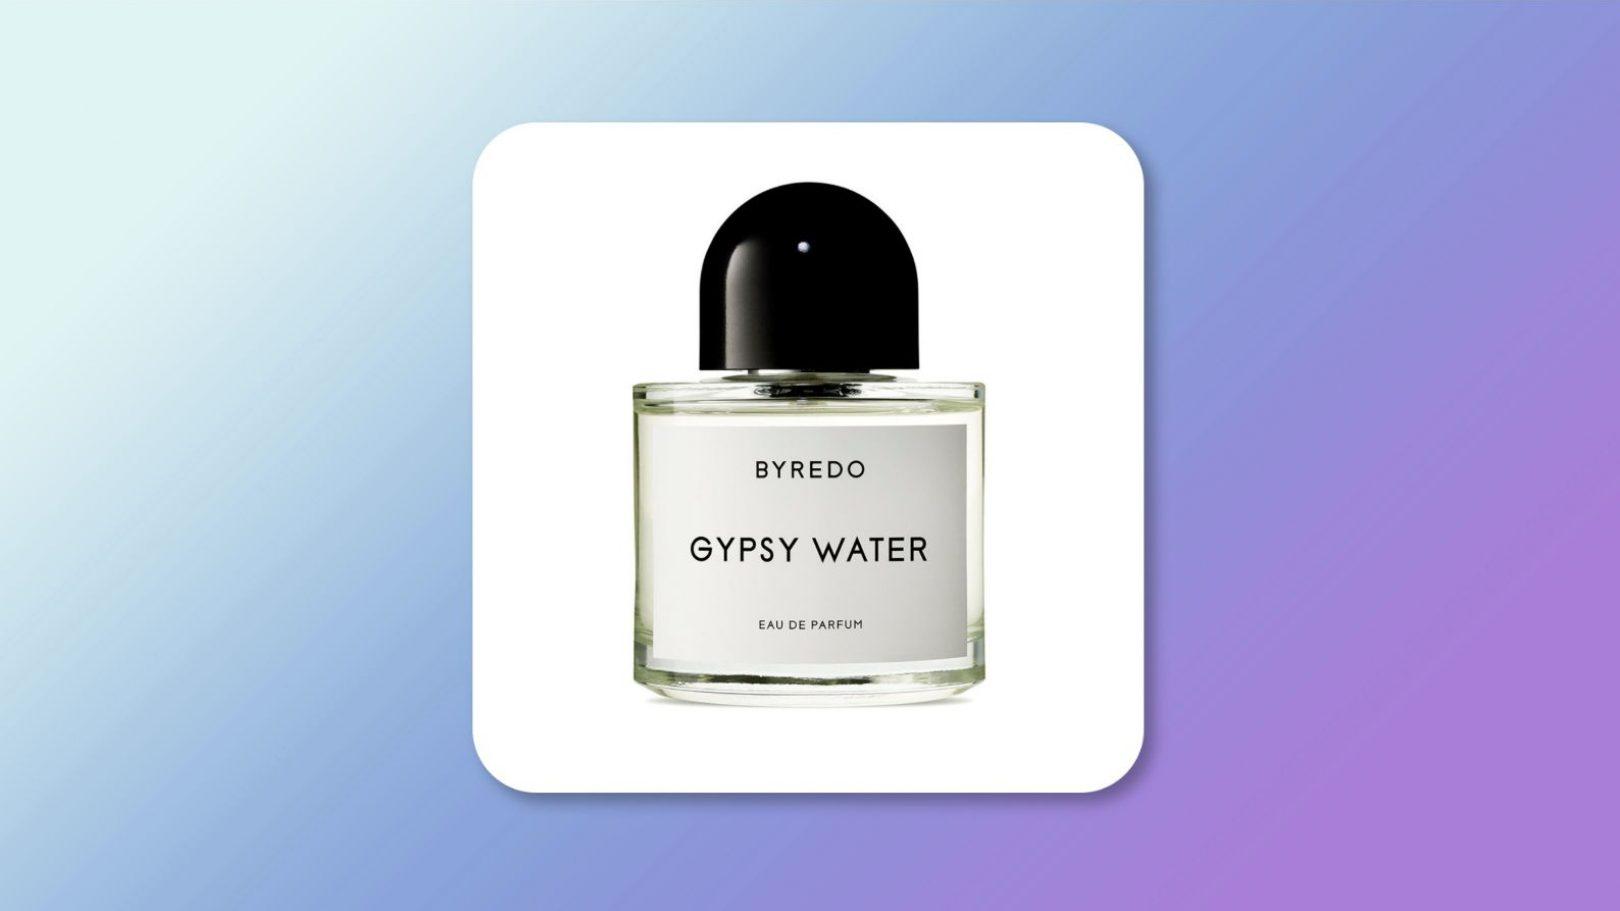 Nordstrom Byredo Gypsy Water perfume